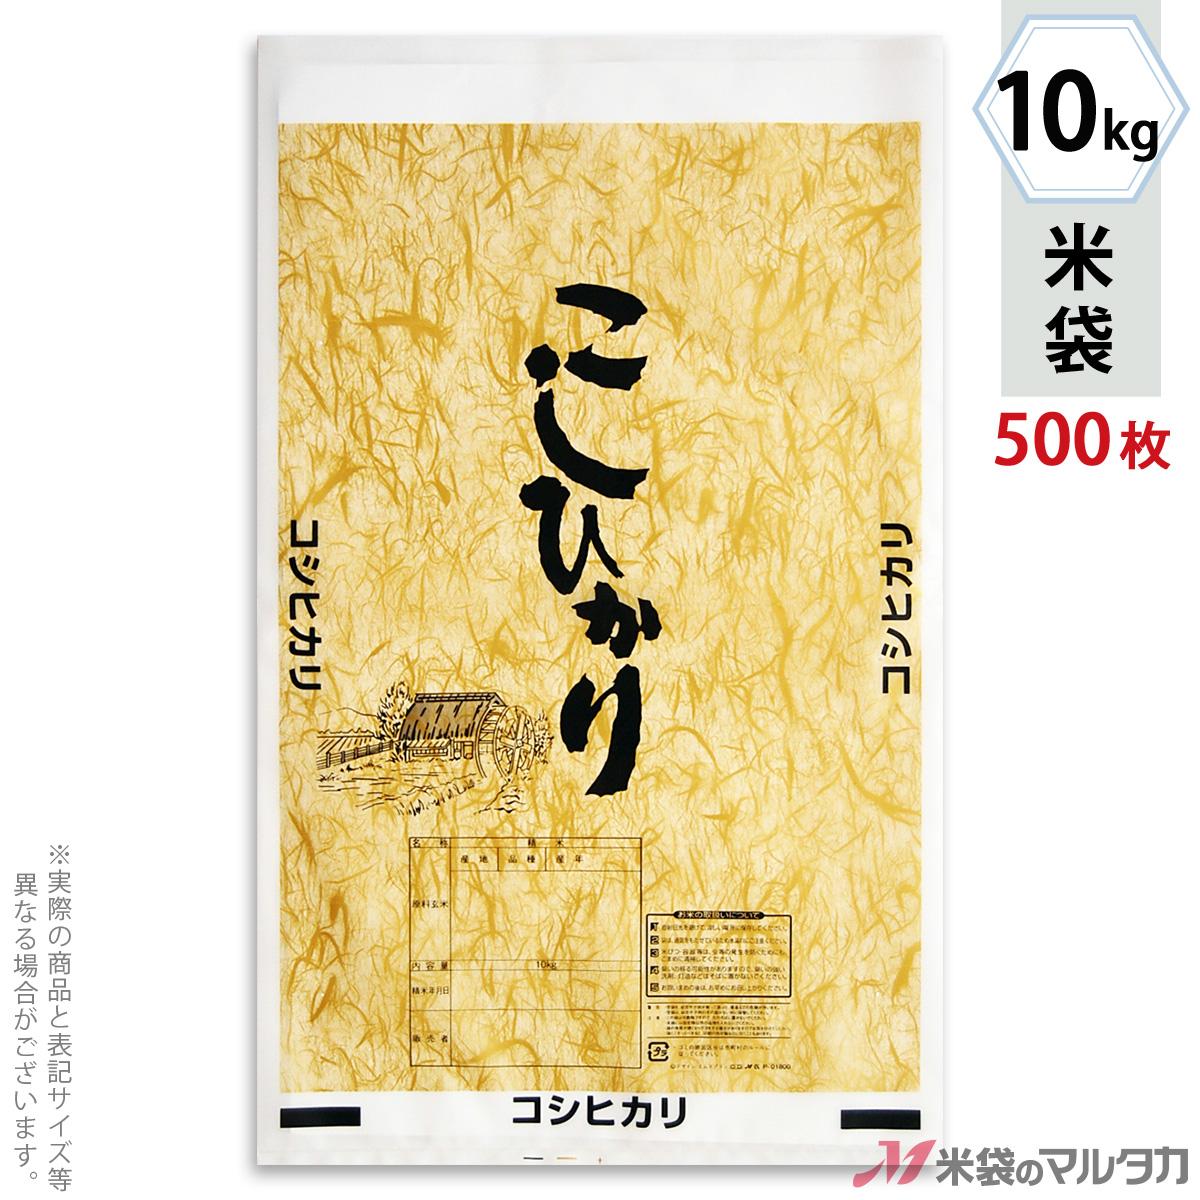 米袋 ポリ乳白 こしひかり C 10kg 1ケース(500枚入) P-01800